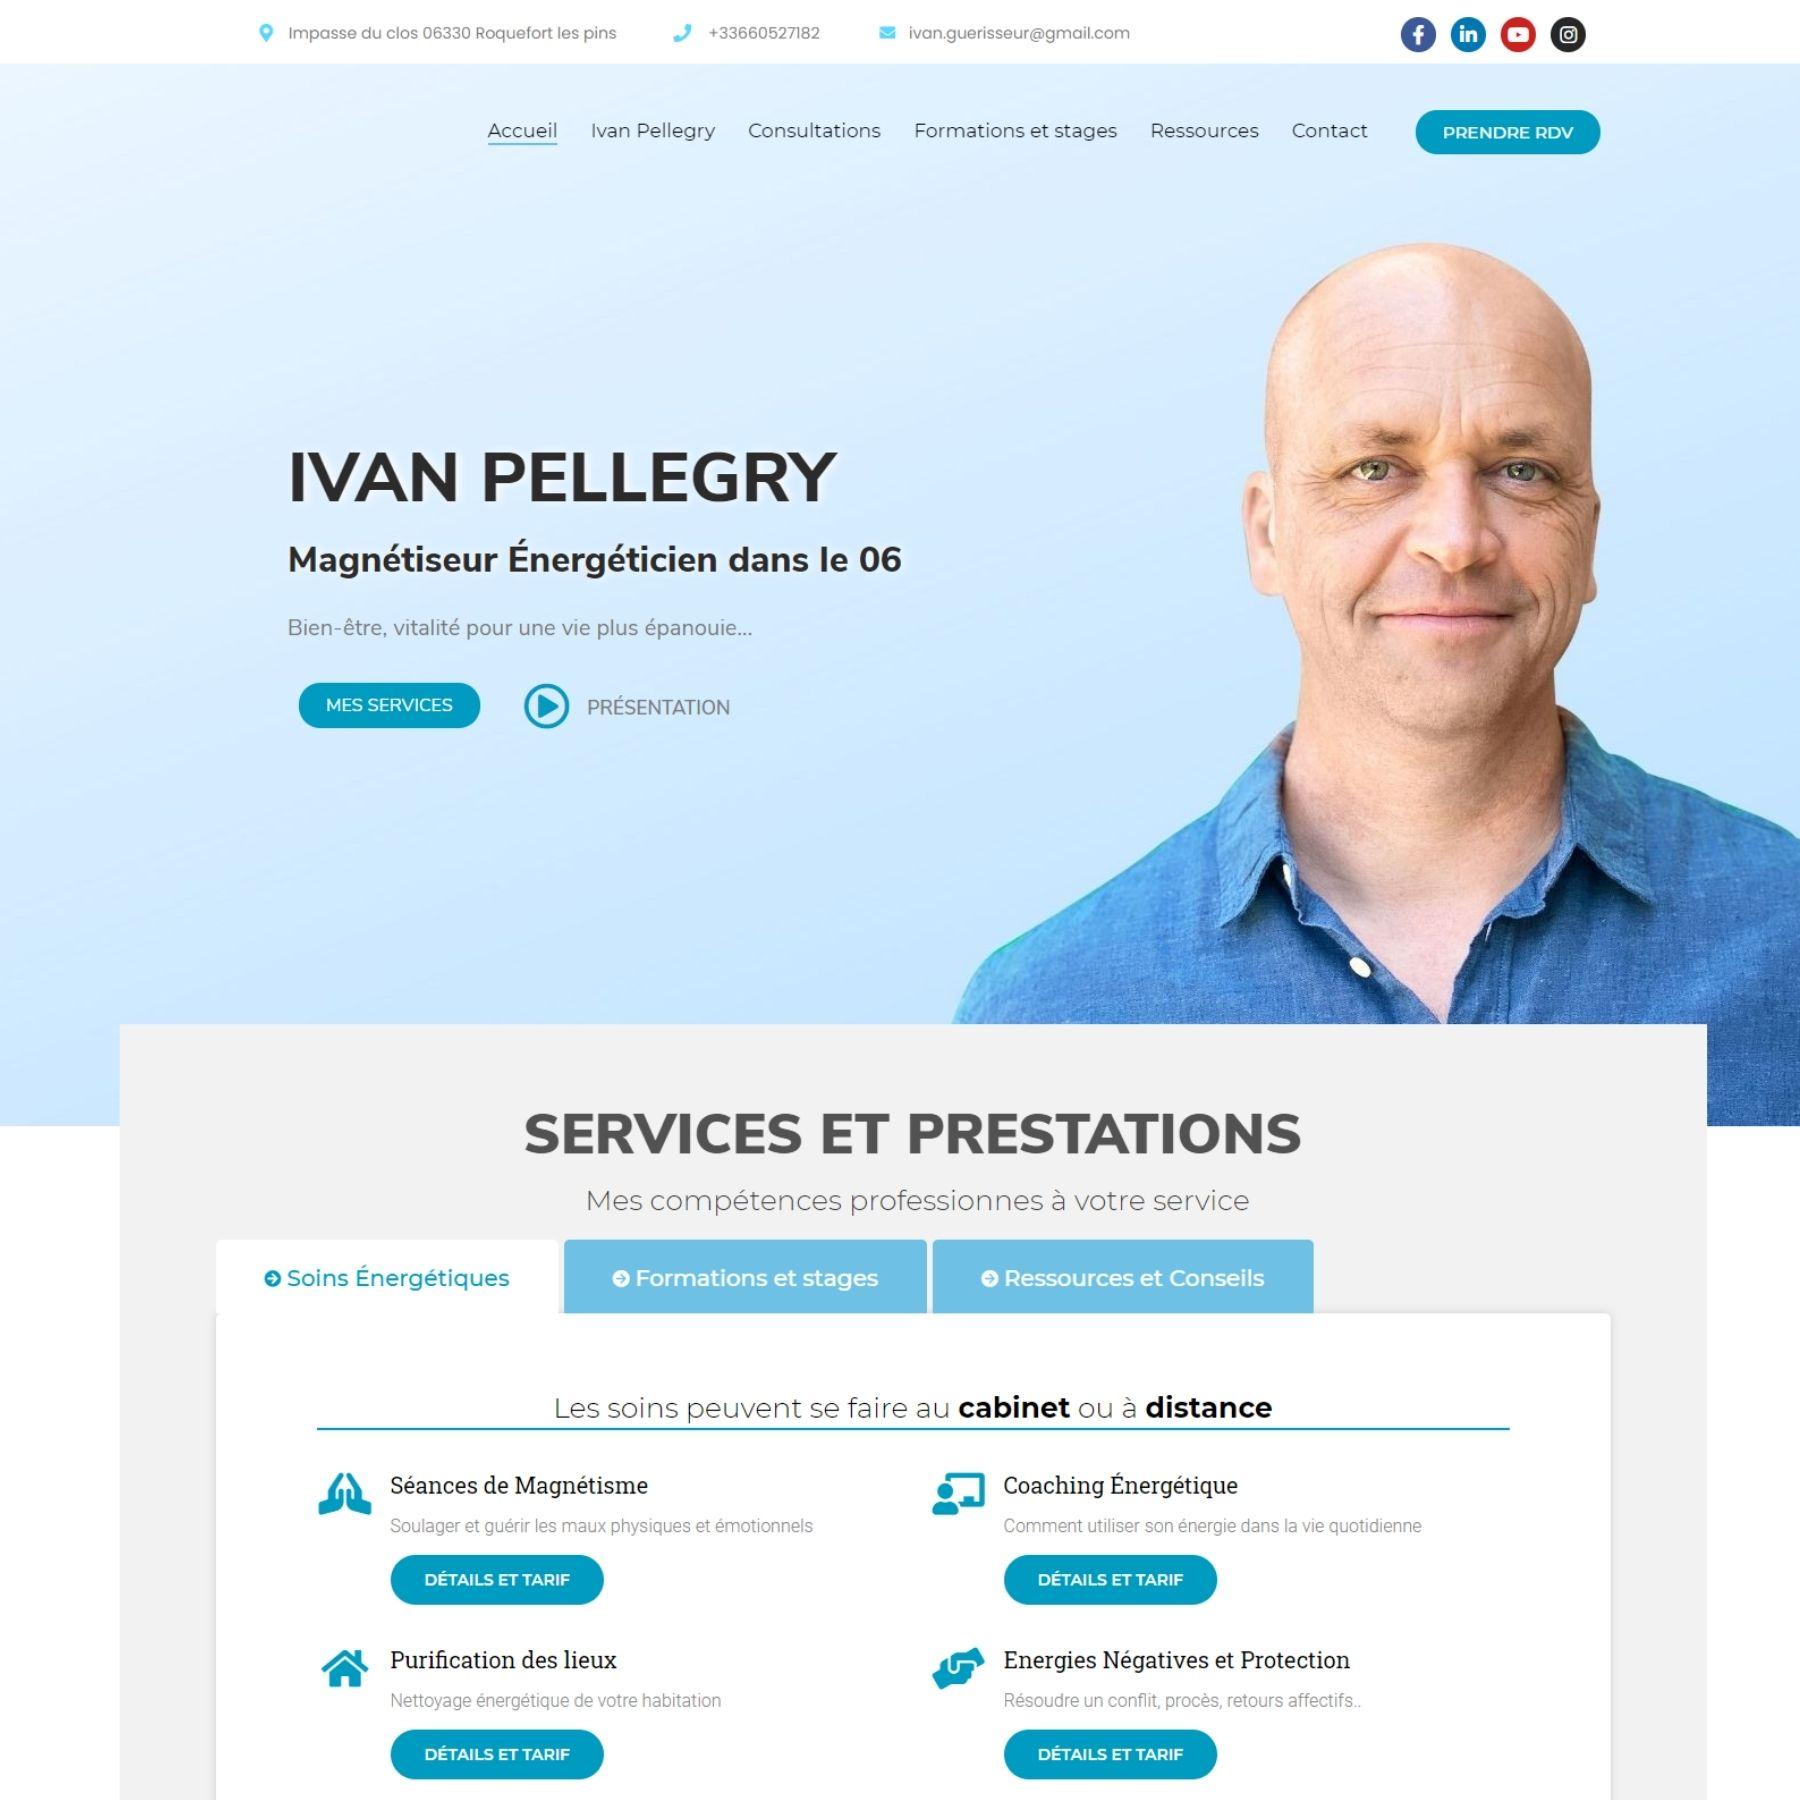 création site internet - screenshot - ivan-pellegry